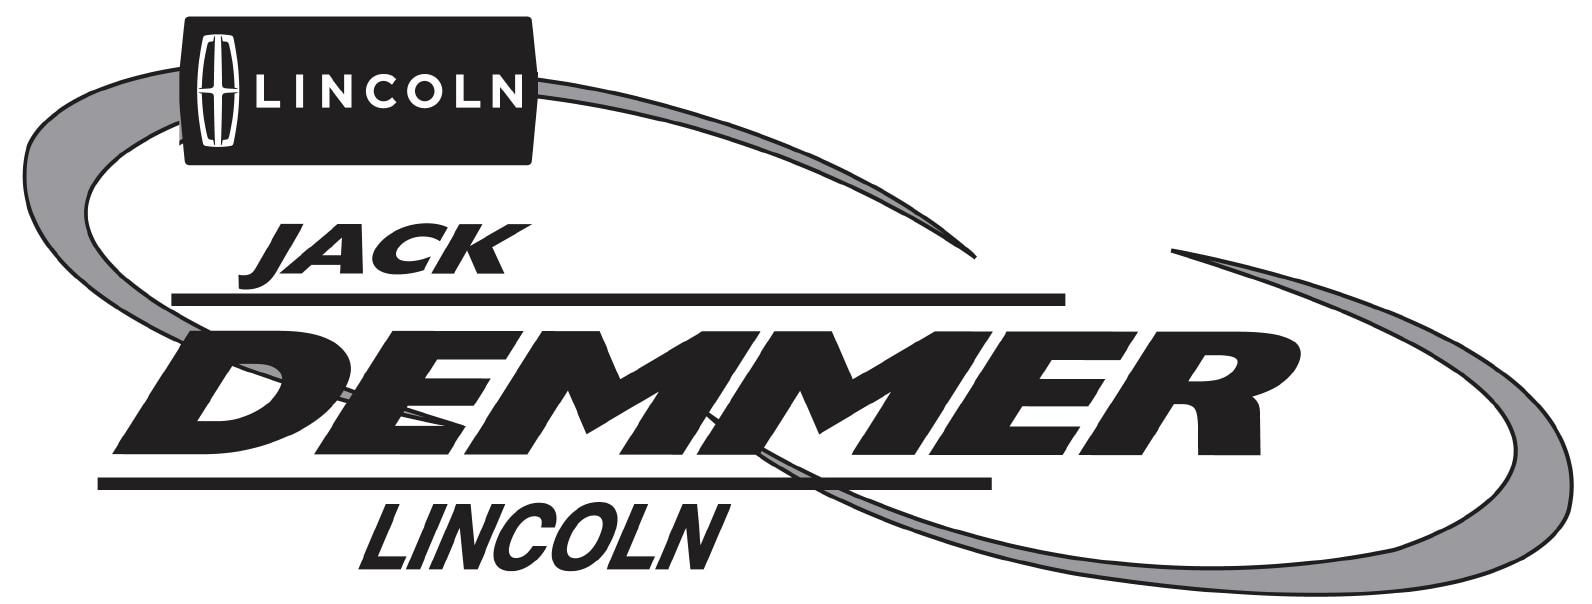 Jack Demmer Lincoln